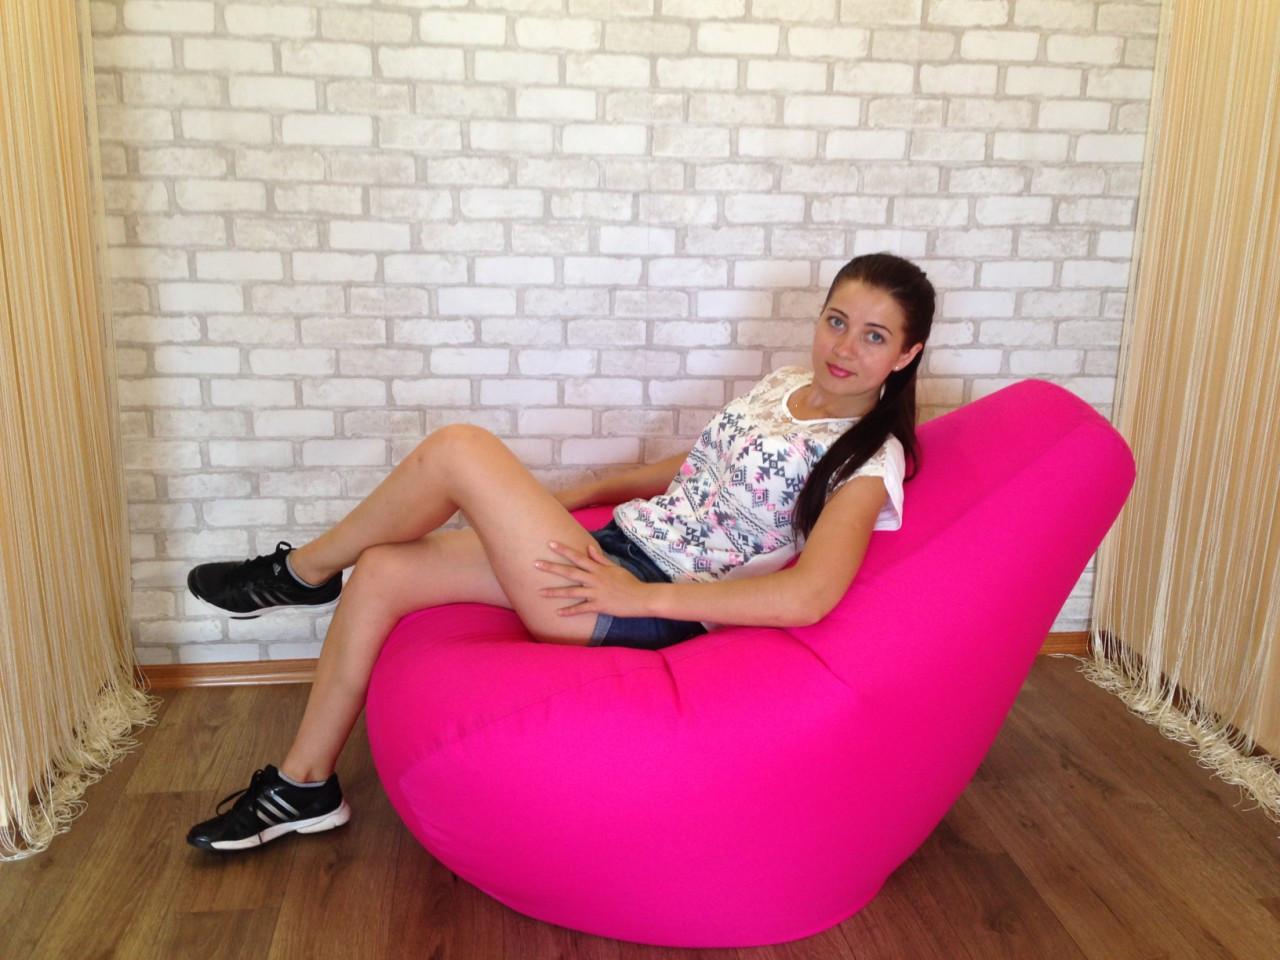 Кресло Мешок, бескаркасное кресло Груша ХХХL ( большой размер 140*100 см) -самый комфортный размер для всех !